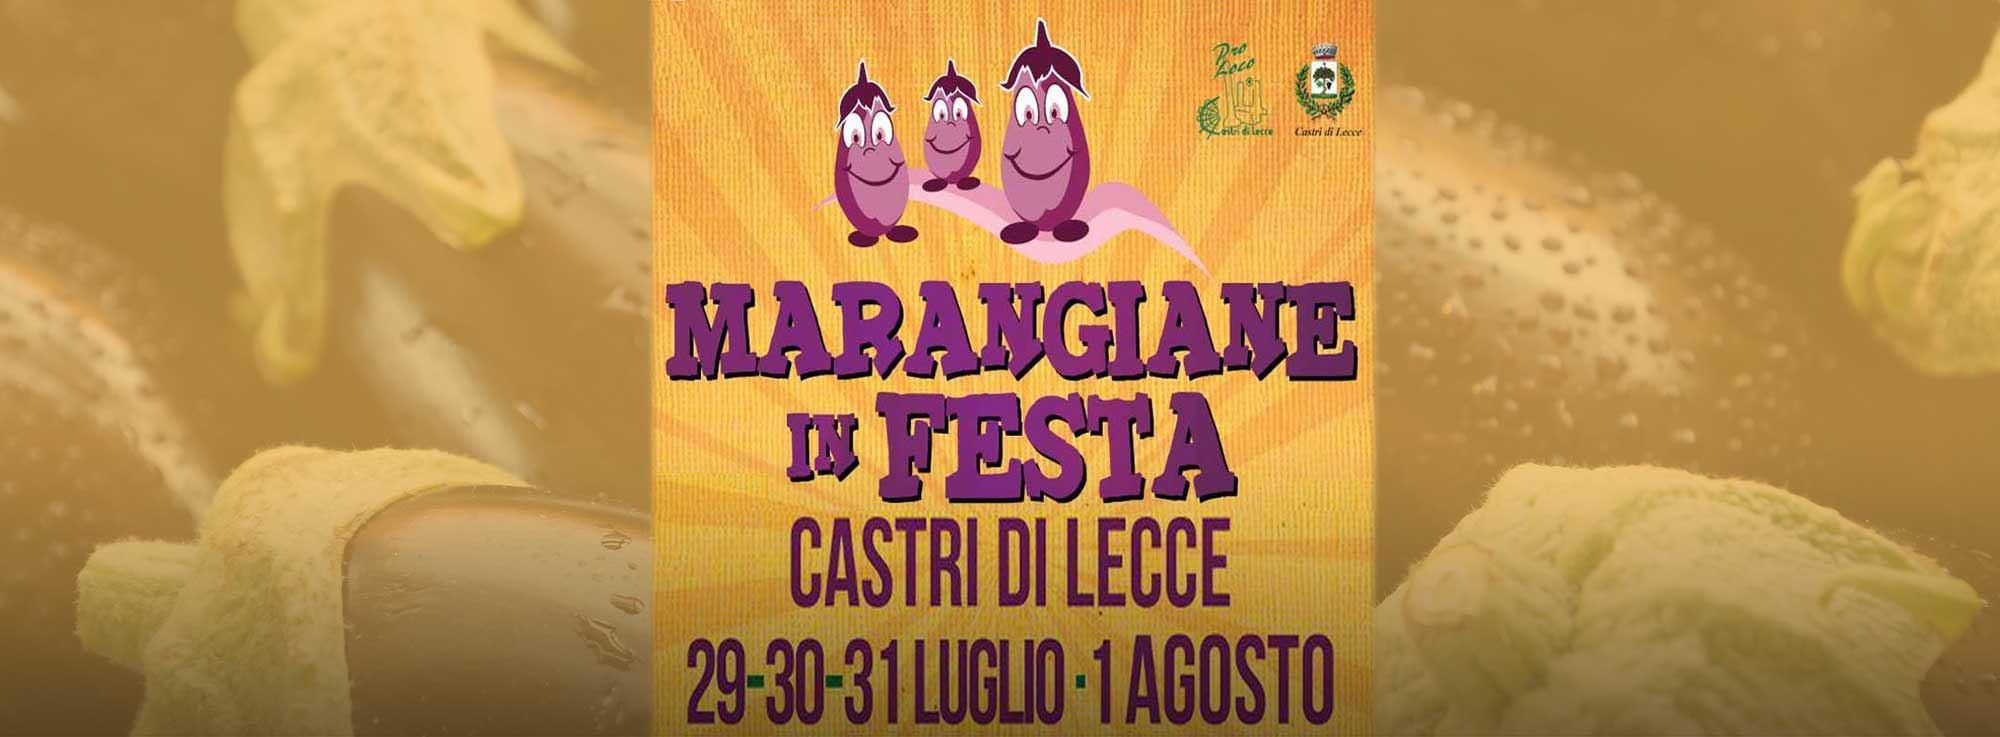 Castri di Lecce: Marangiane in festa – Sagra della Melanzana